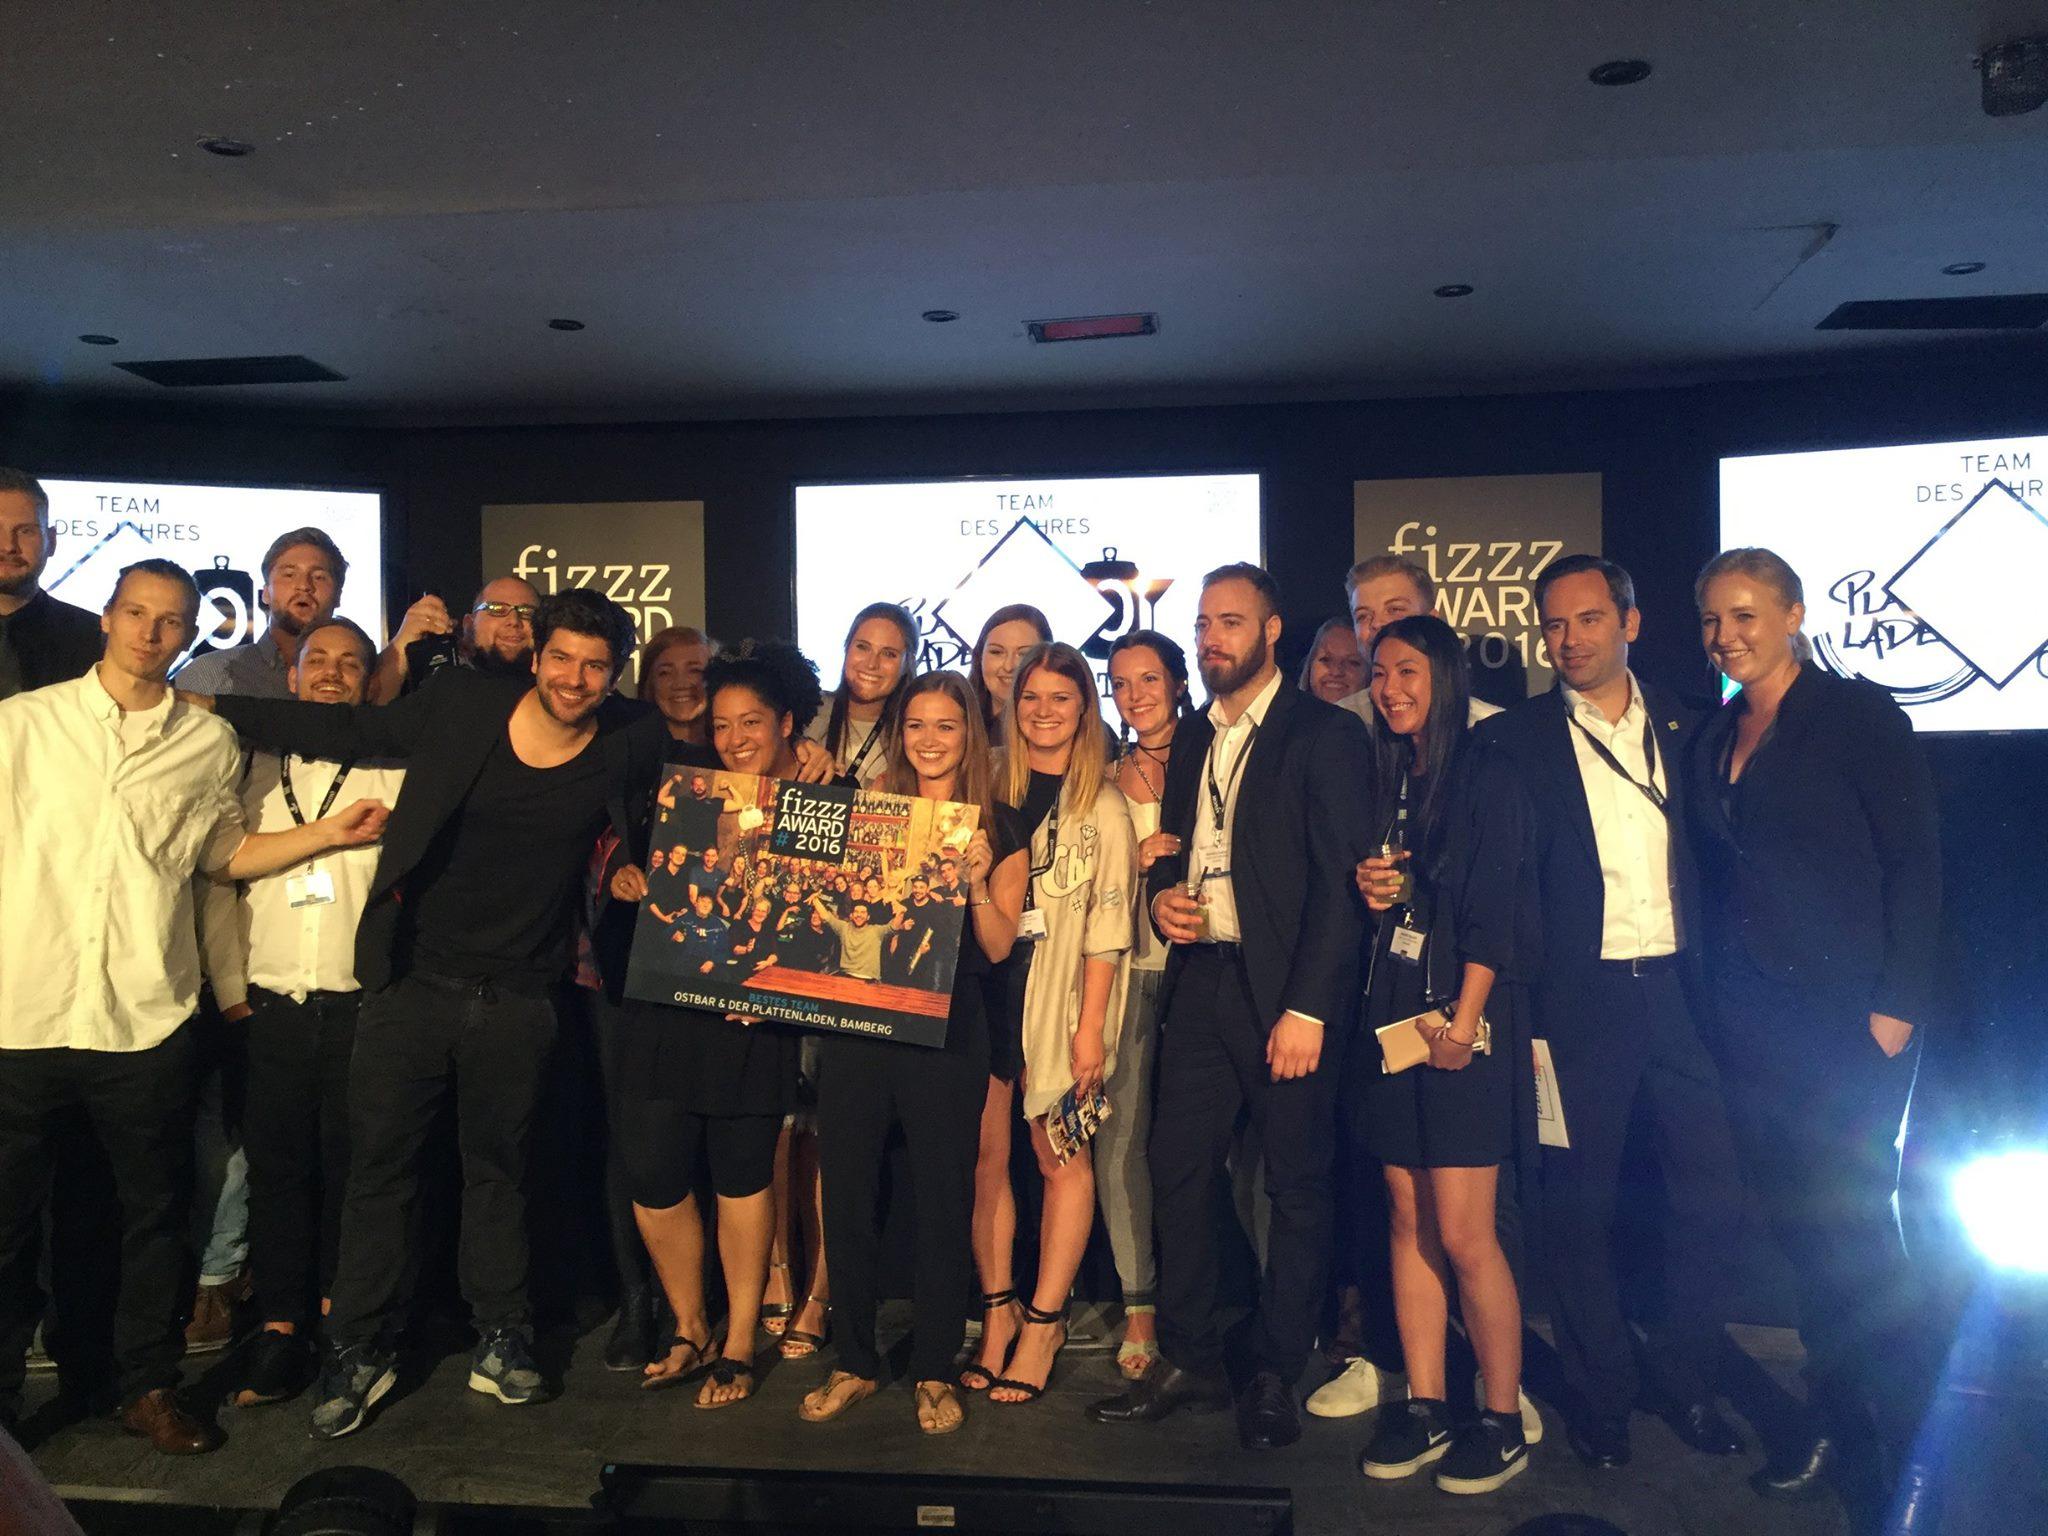 Award für beste gastronomische Teamarbeit in Deutschland